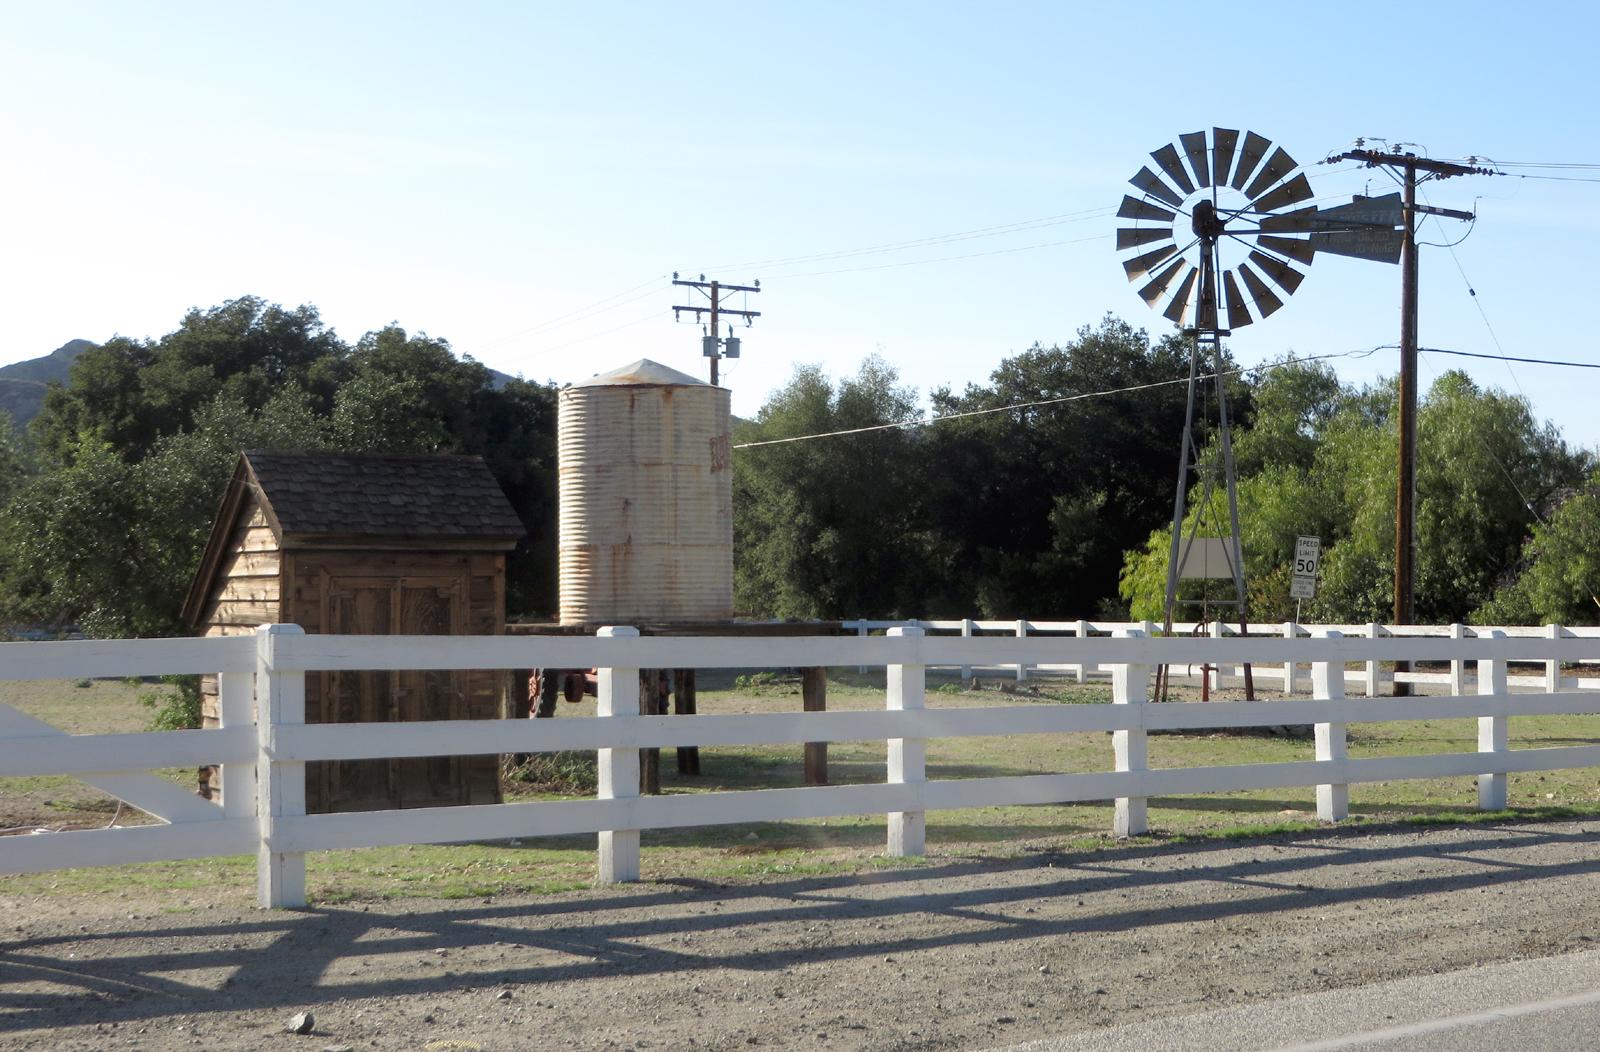 Sable Ranch | Photo: Leon Worden 3/16/2014